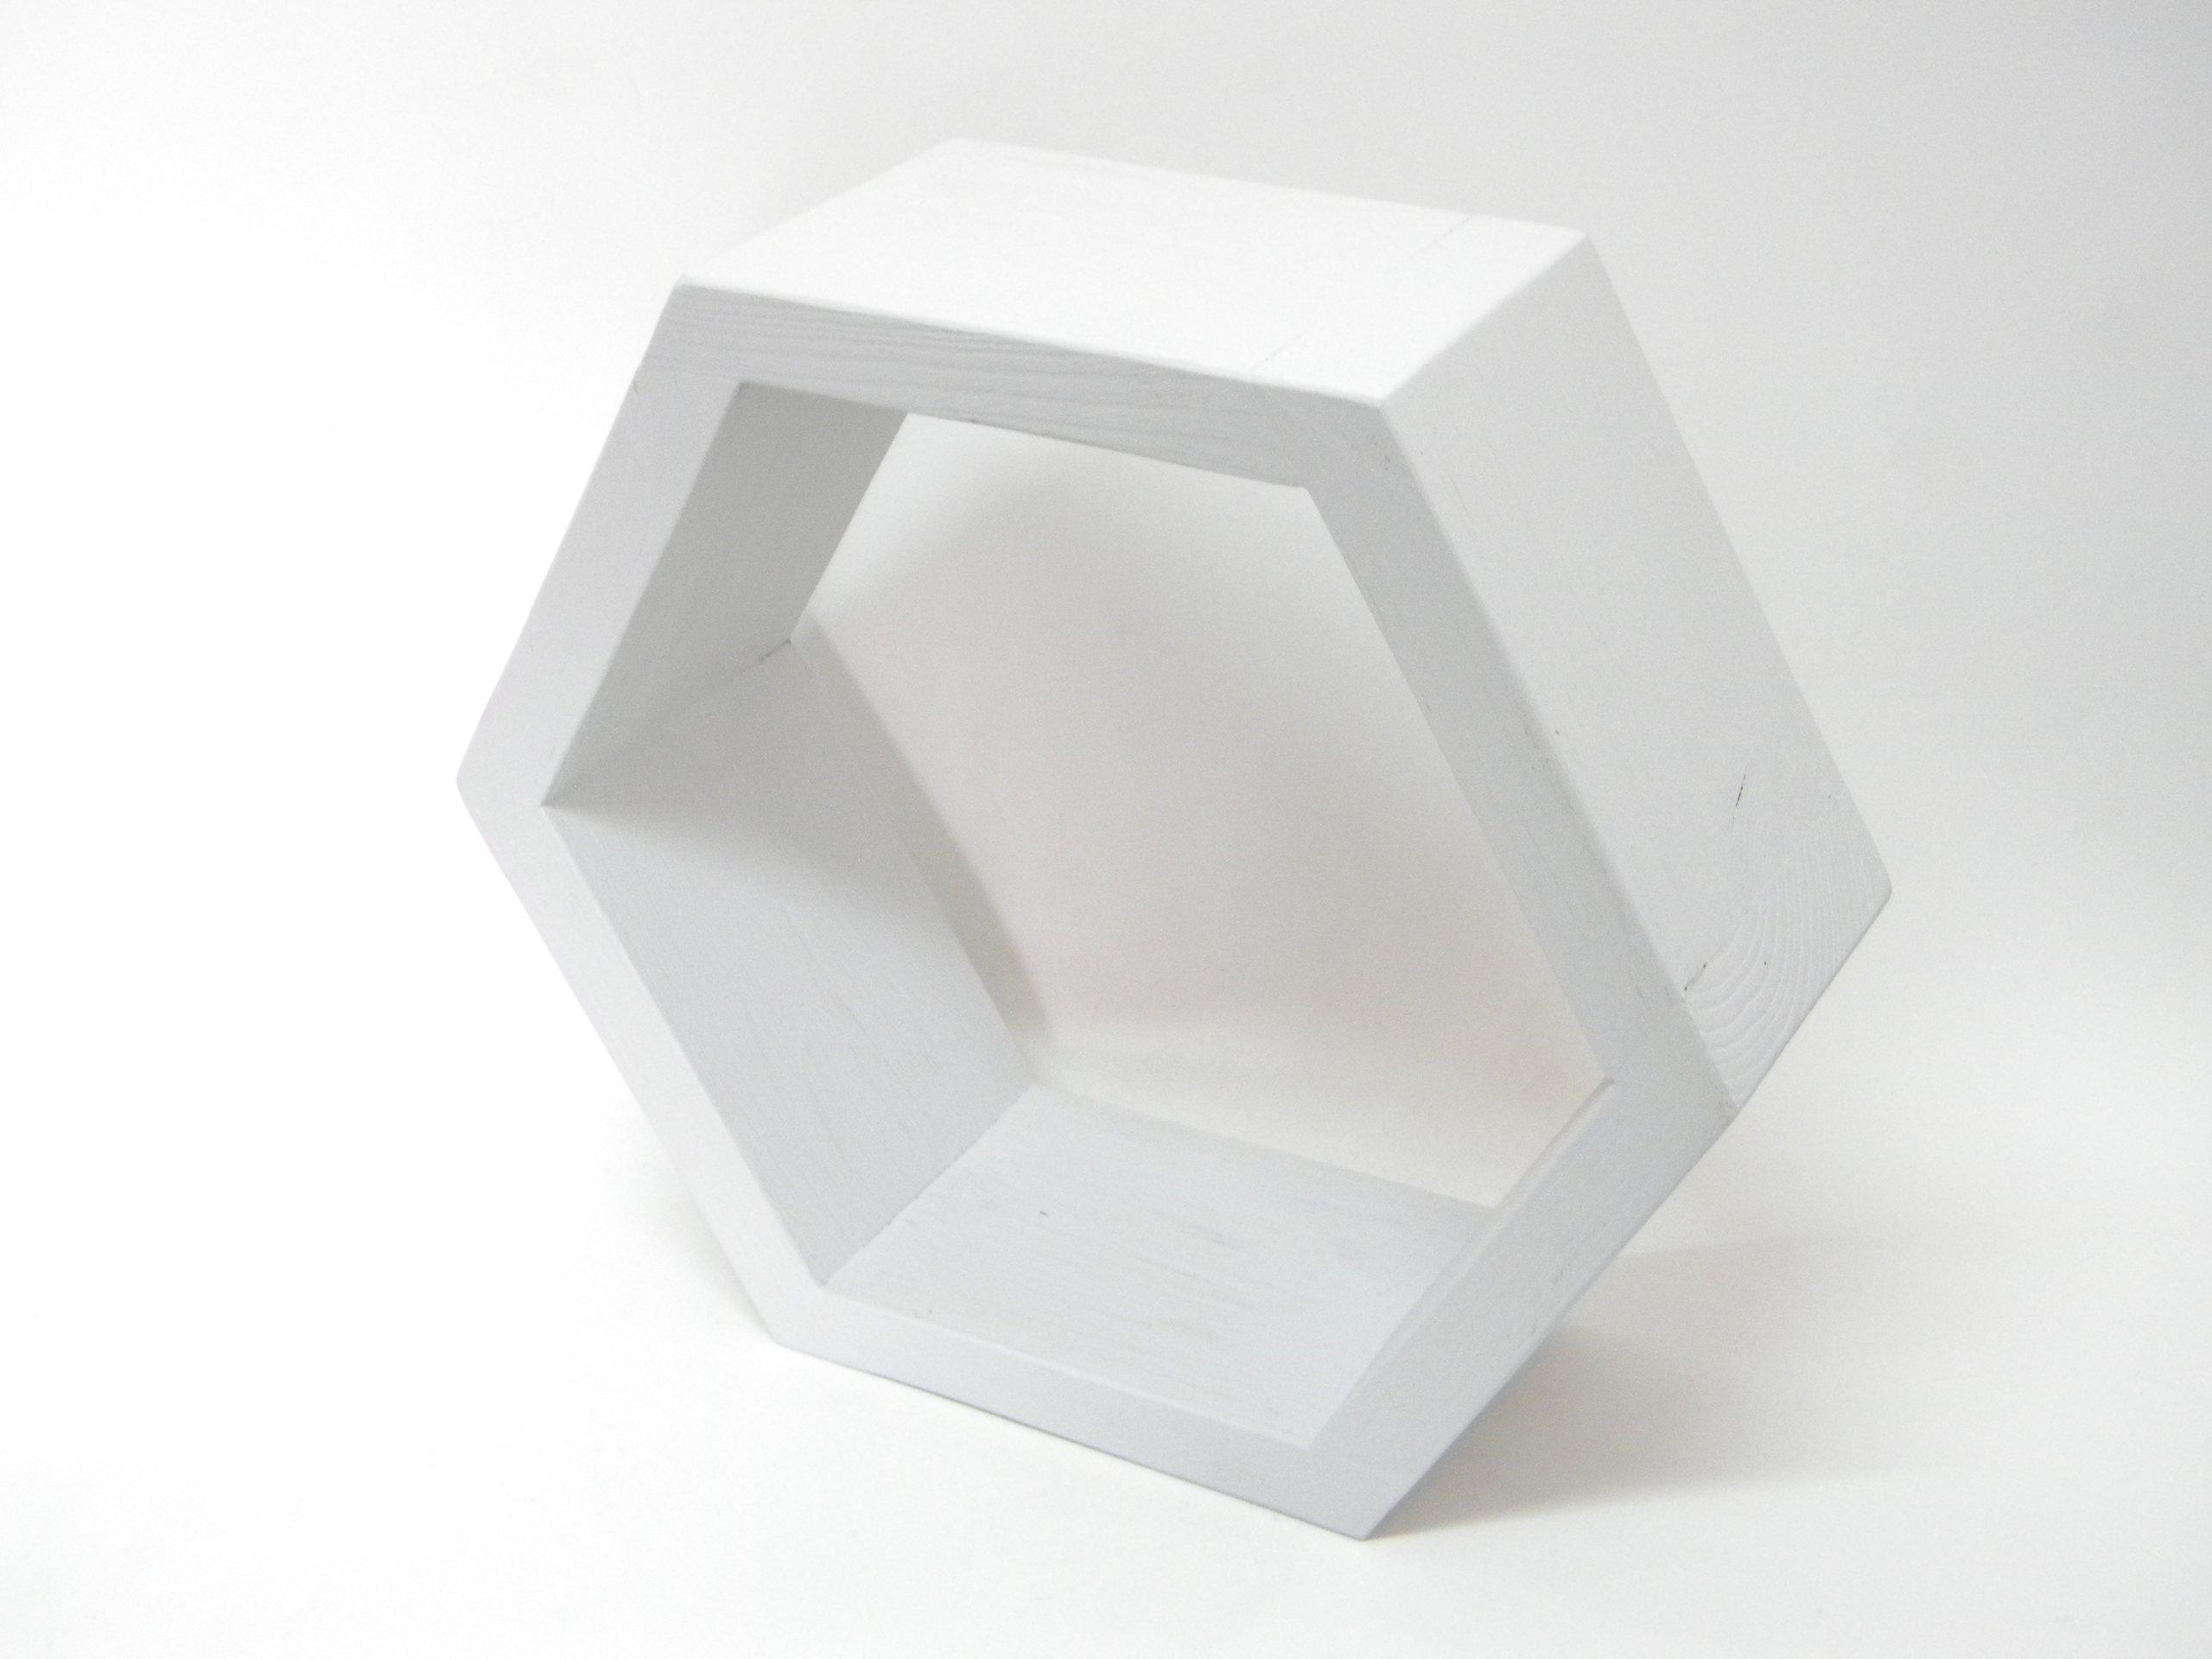 Drewniana Półka Plaster Miodu Hexagon Bcm